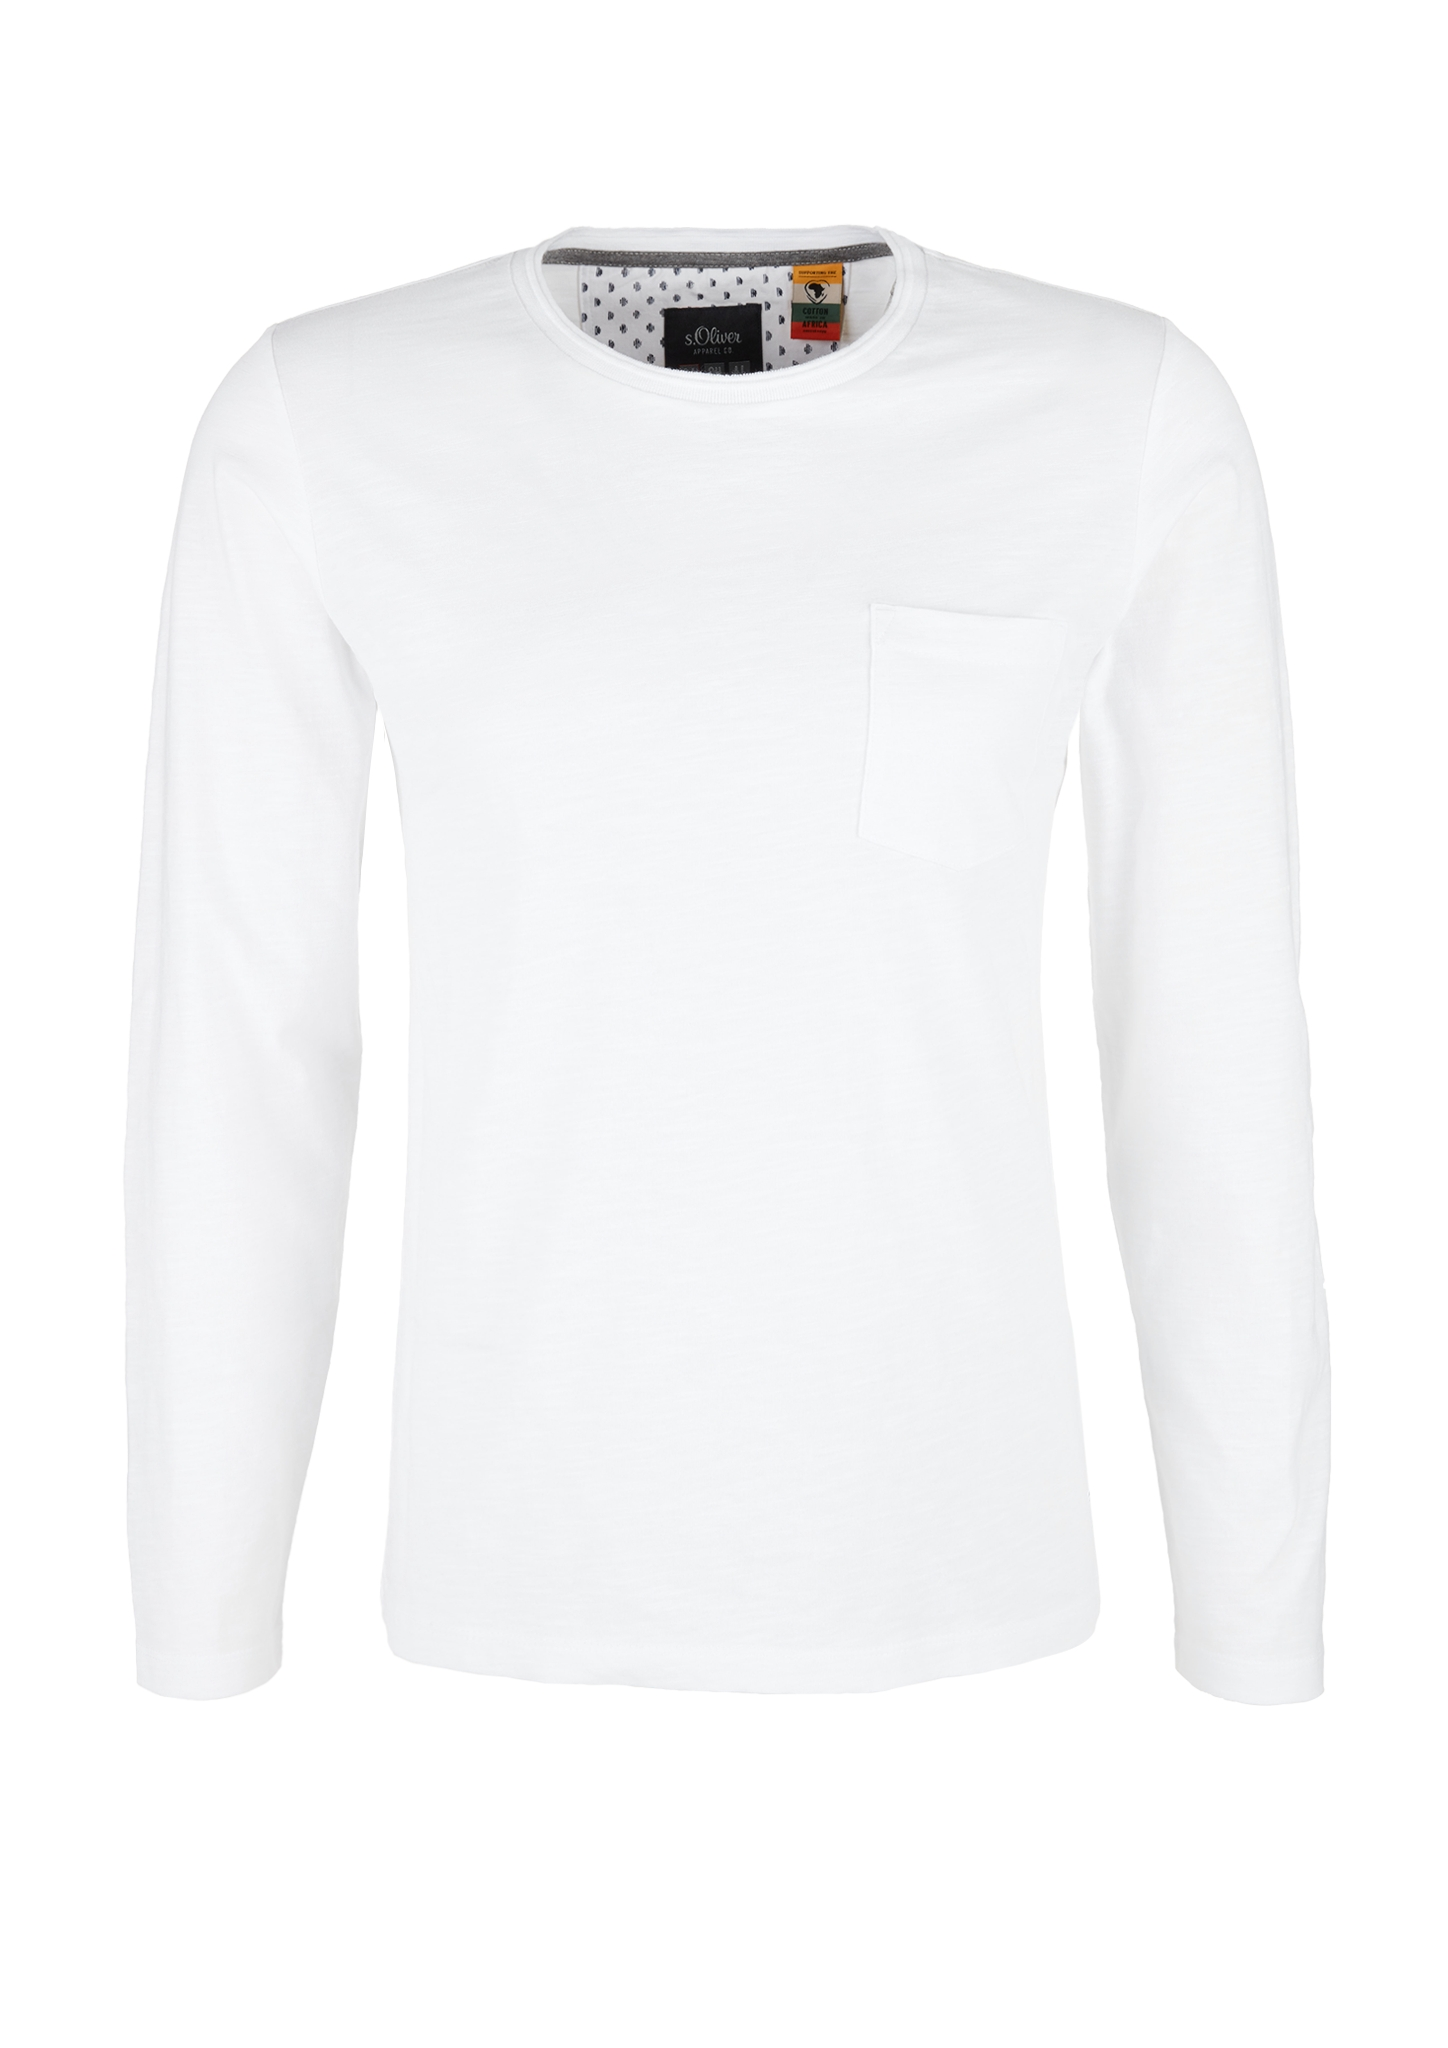 Langarmshirt | Bekleidung > Shirts > Langarm Shirts | Weiß | 100% baumwolle | s.Oliver